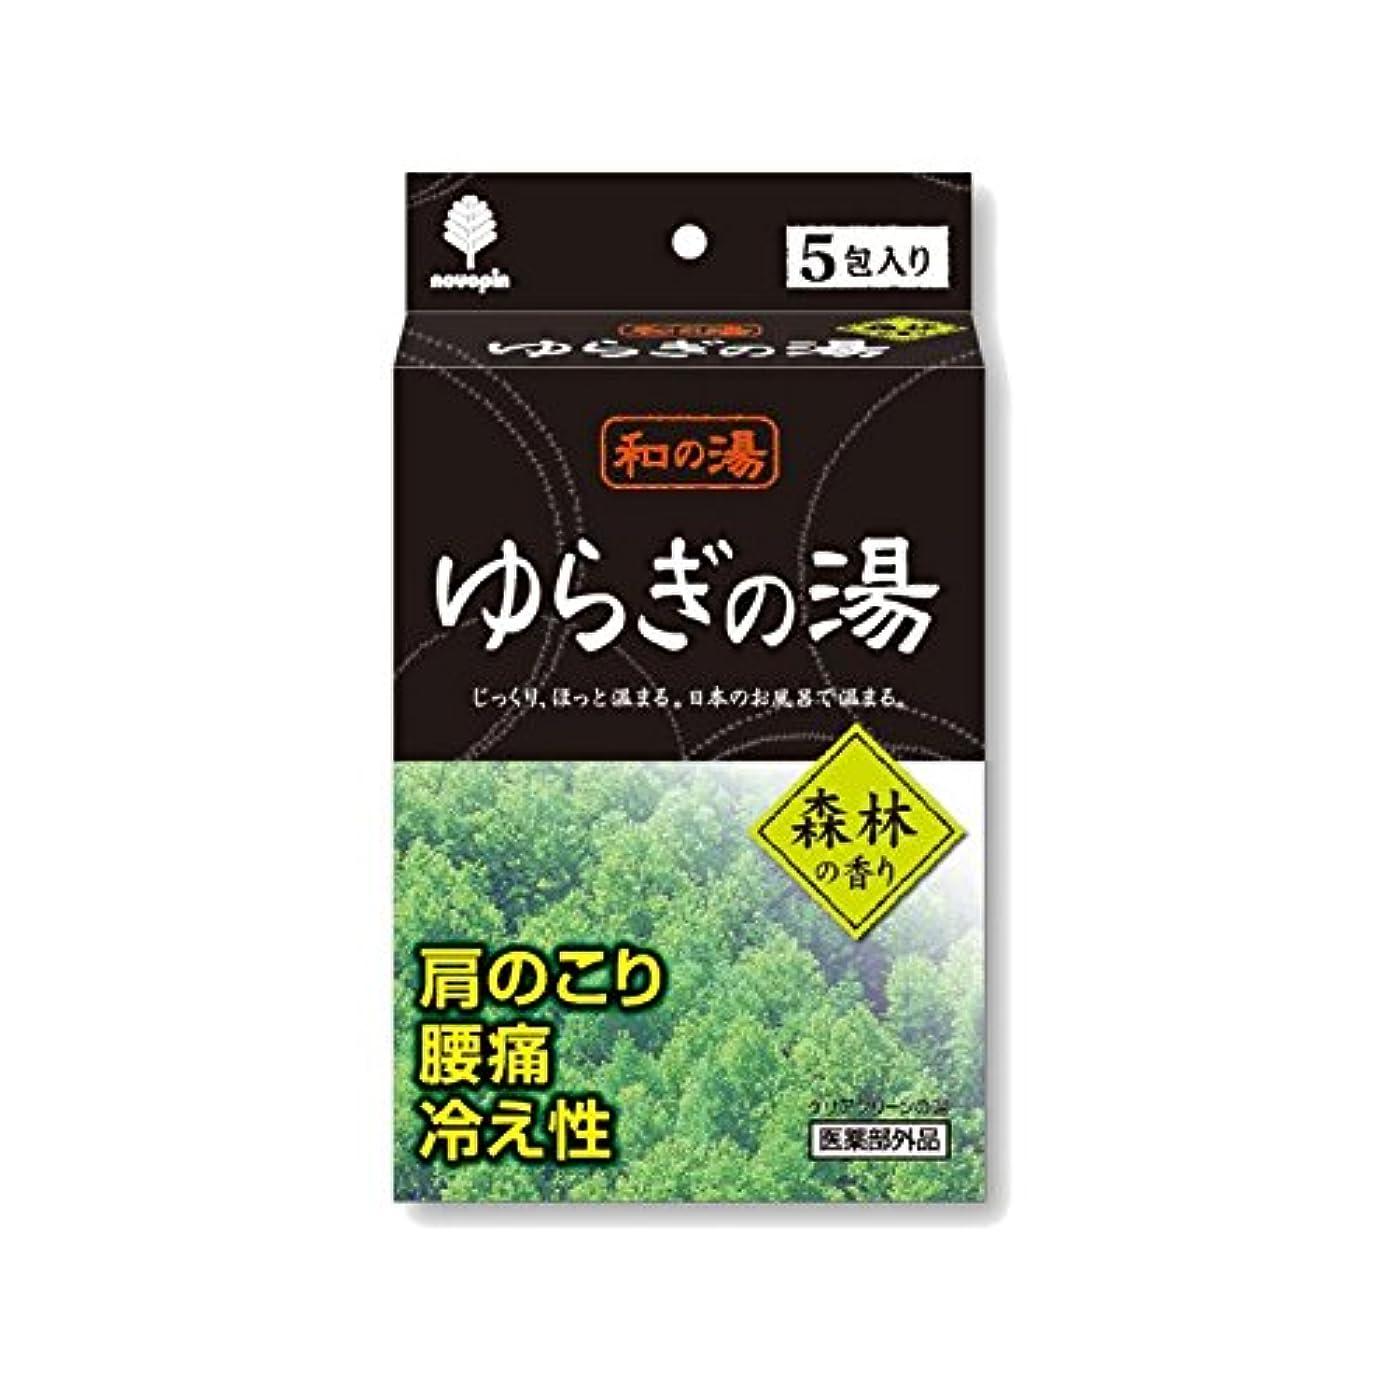 ダイエット年金受給者落胆した和の湯 ゆらぎの湯 森林の香り(25gx5)x10